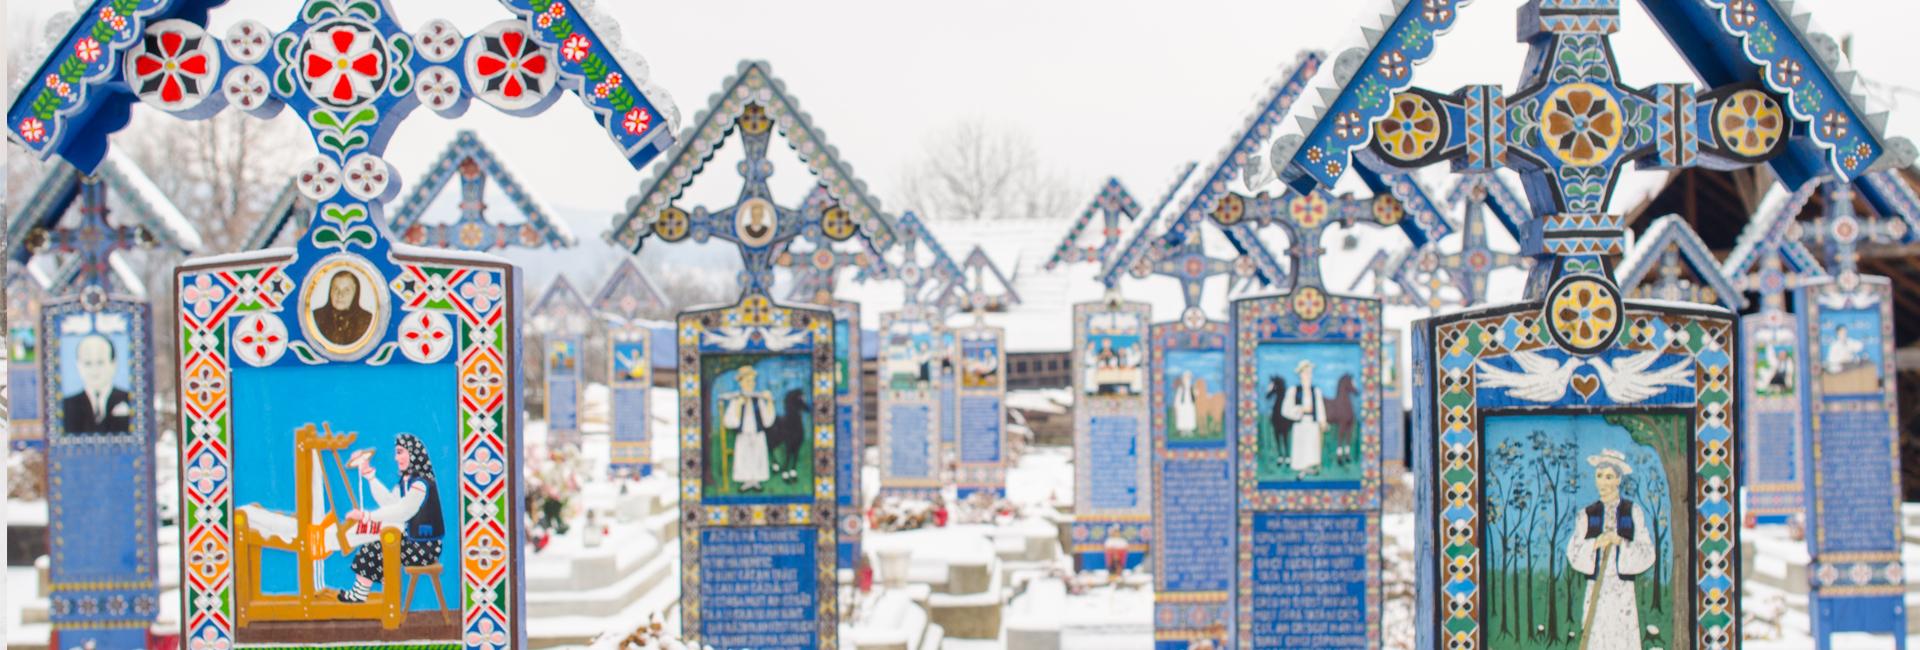 Probabil cel mai frumos cimitir din lume: Cimitirul Vesel din Săpânţa, Maramureş, România